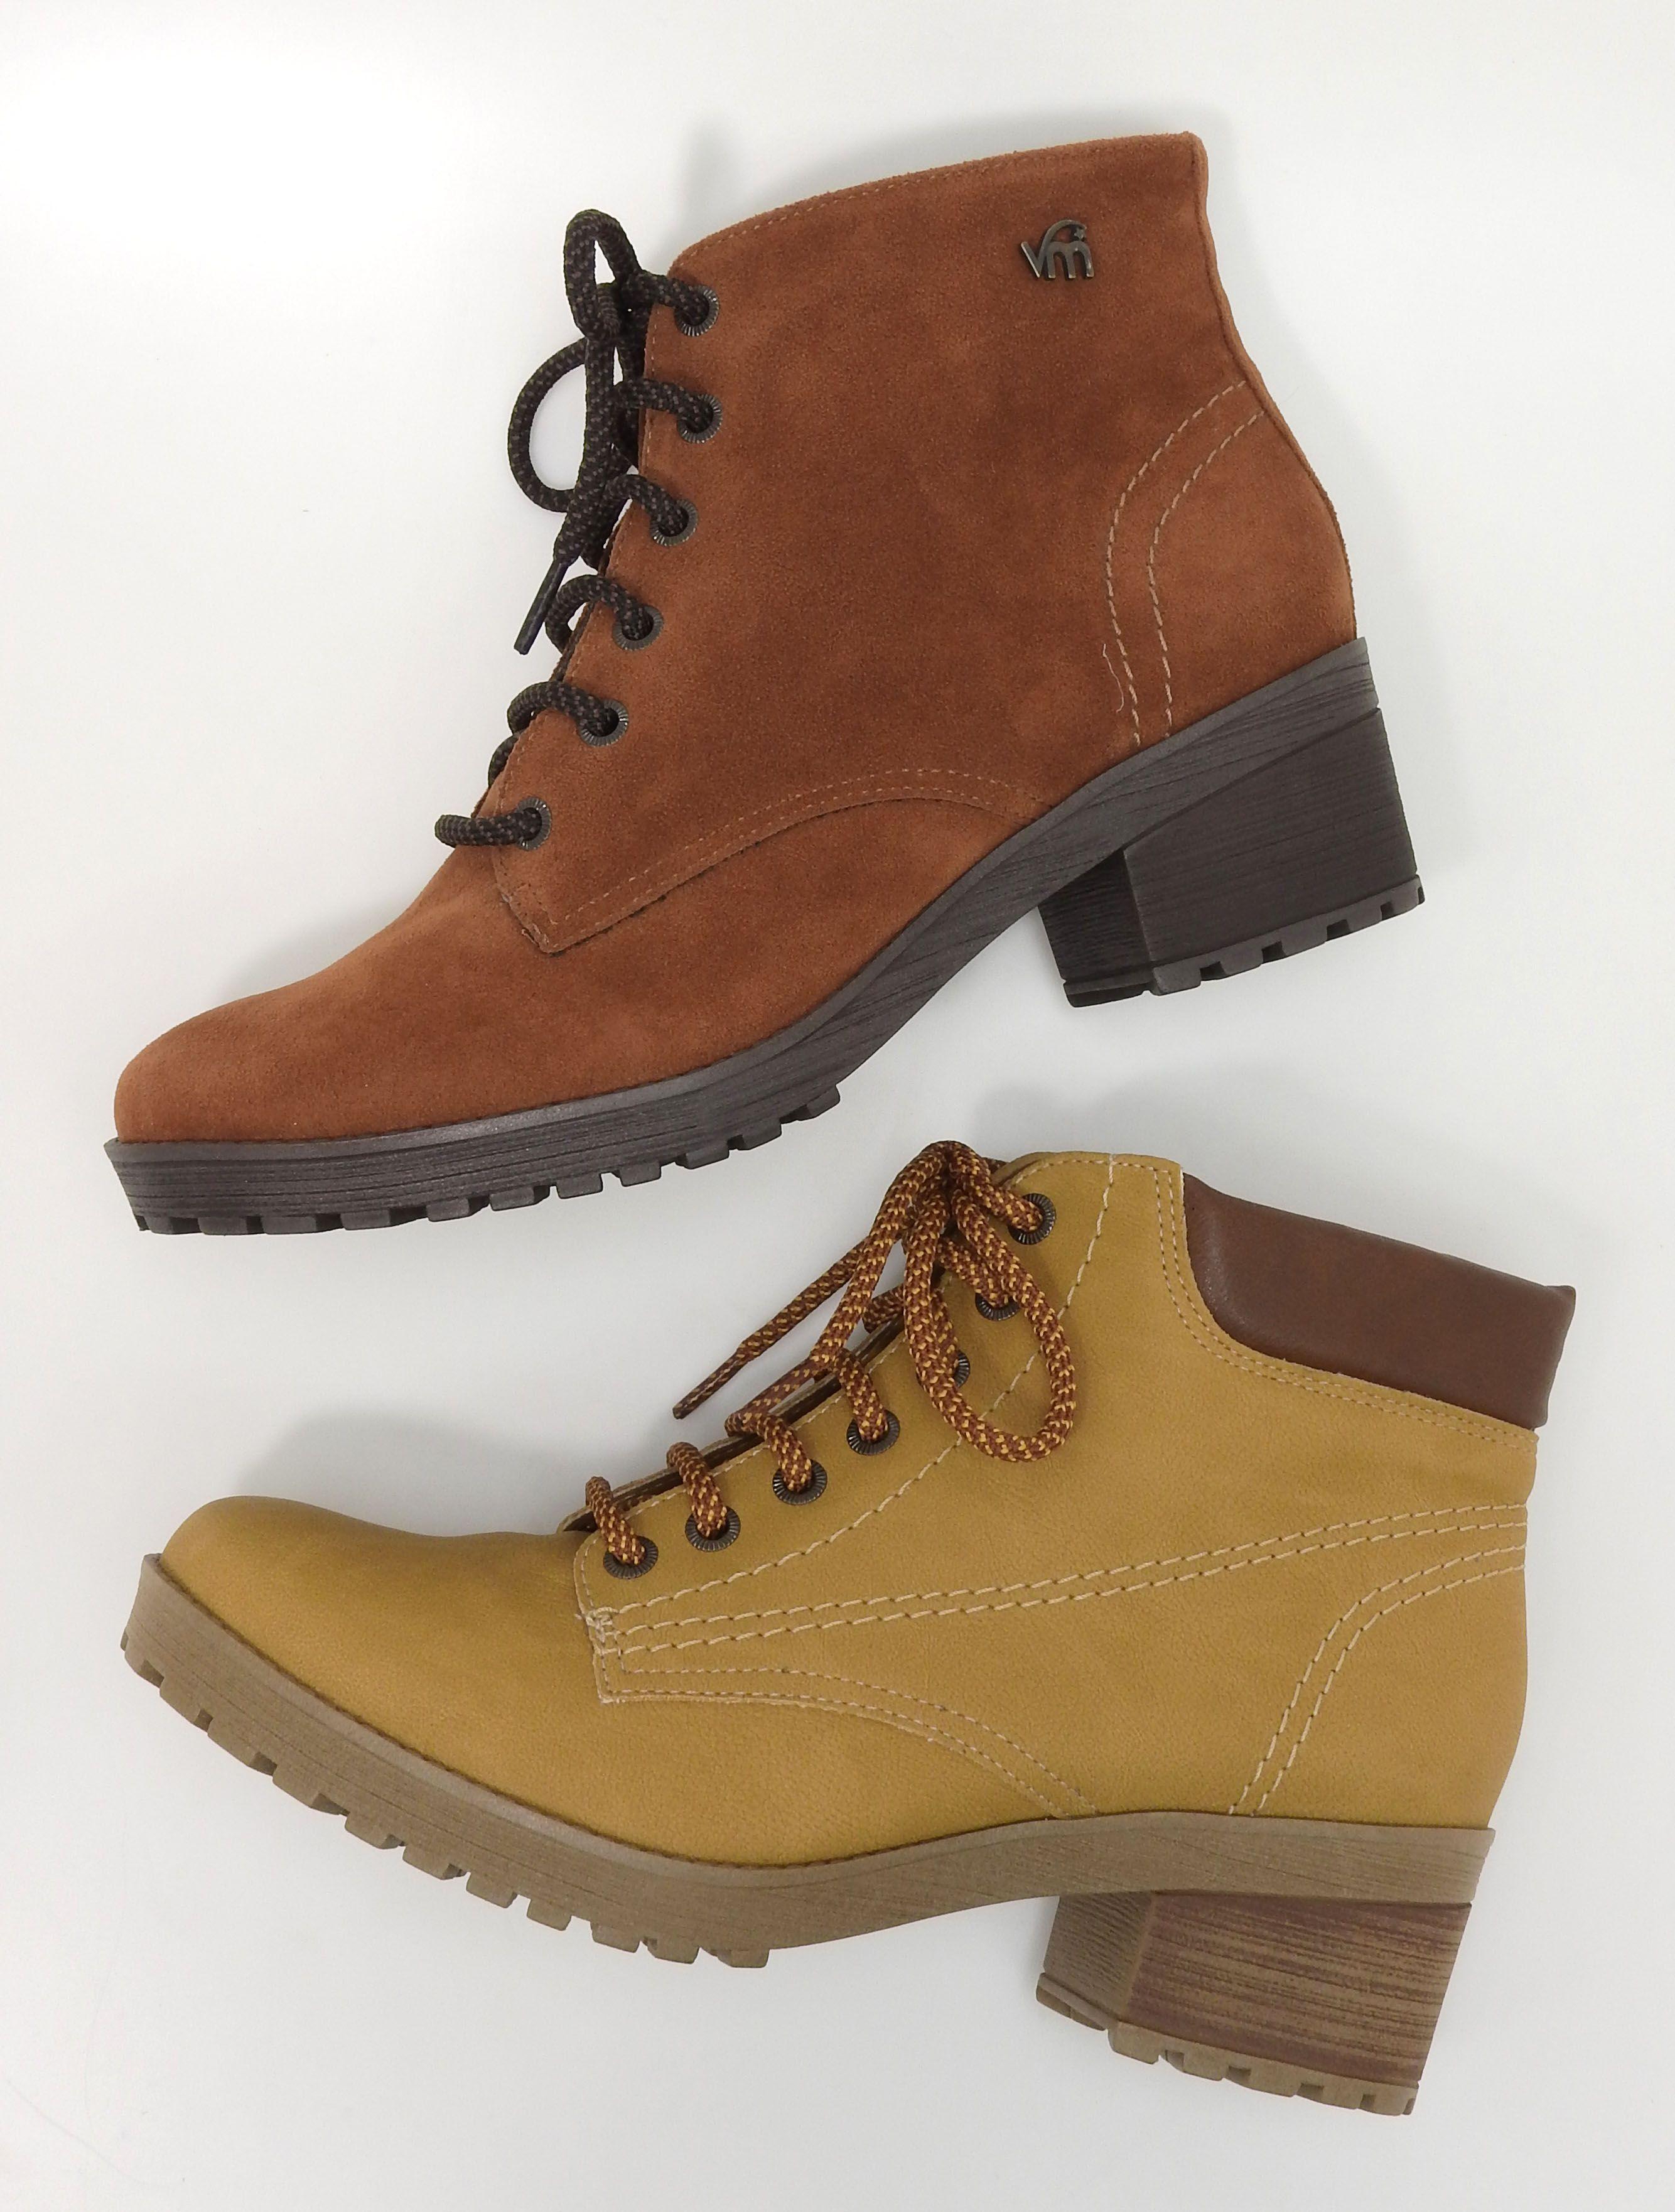 2097aaebd0 boots - botas - coturnos - botas de cano curto - Ref. 16-4905